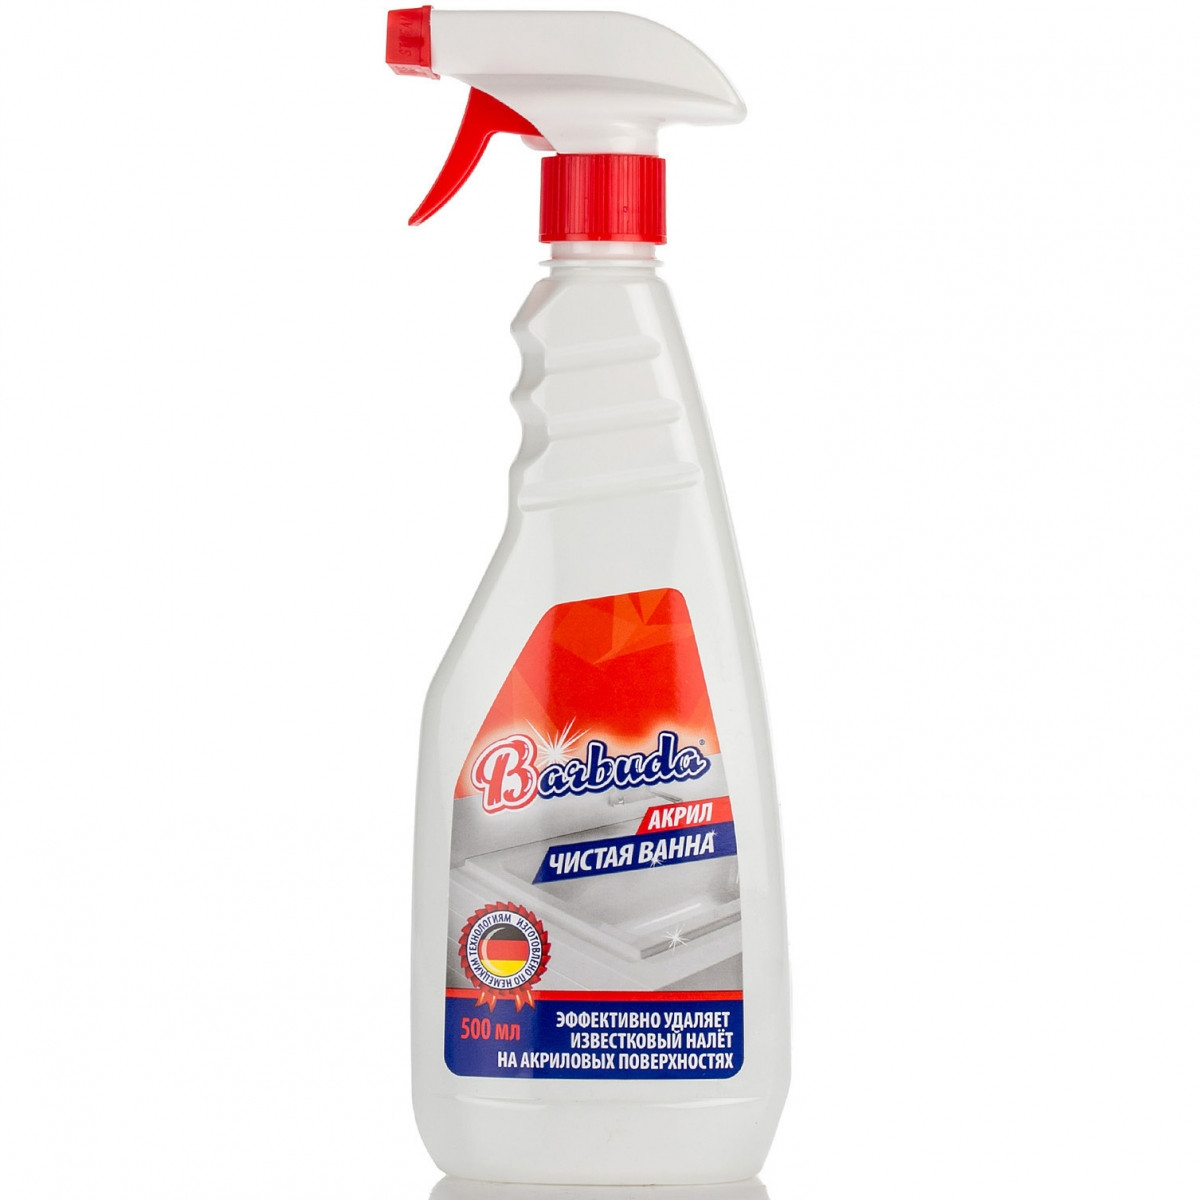 Уход за акриловой ванной - чем можно чистить?